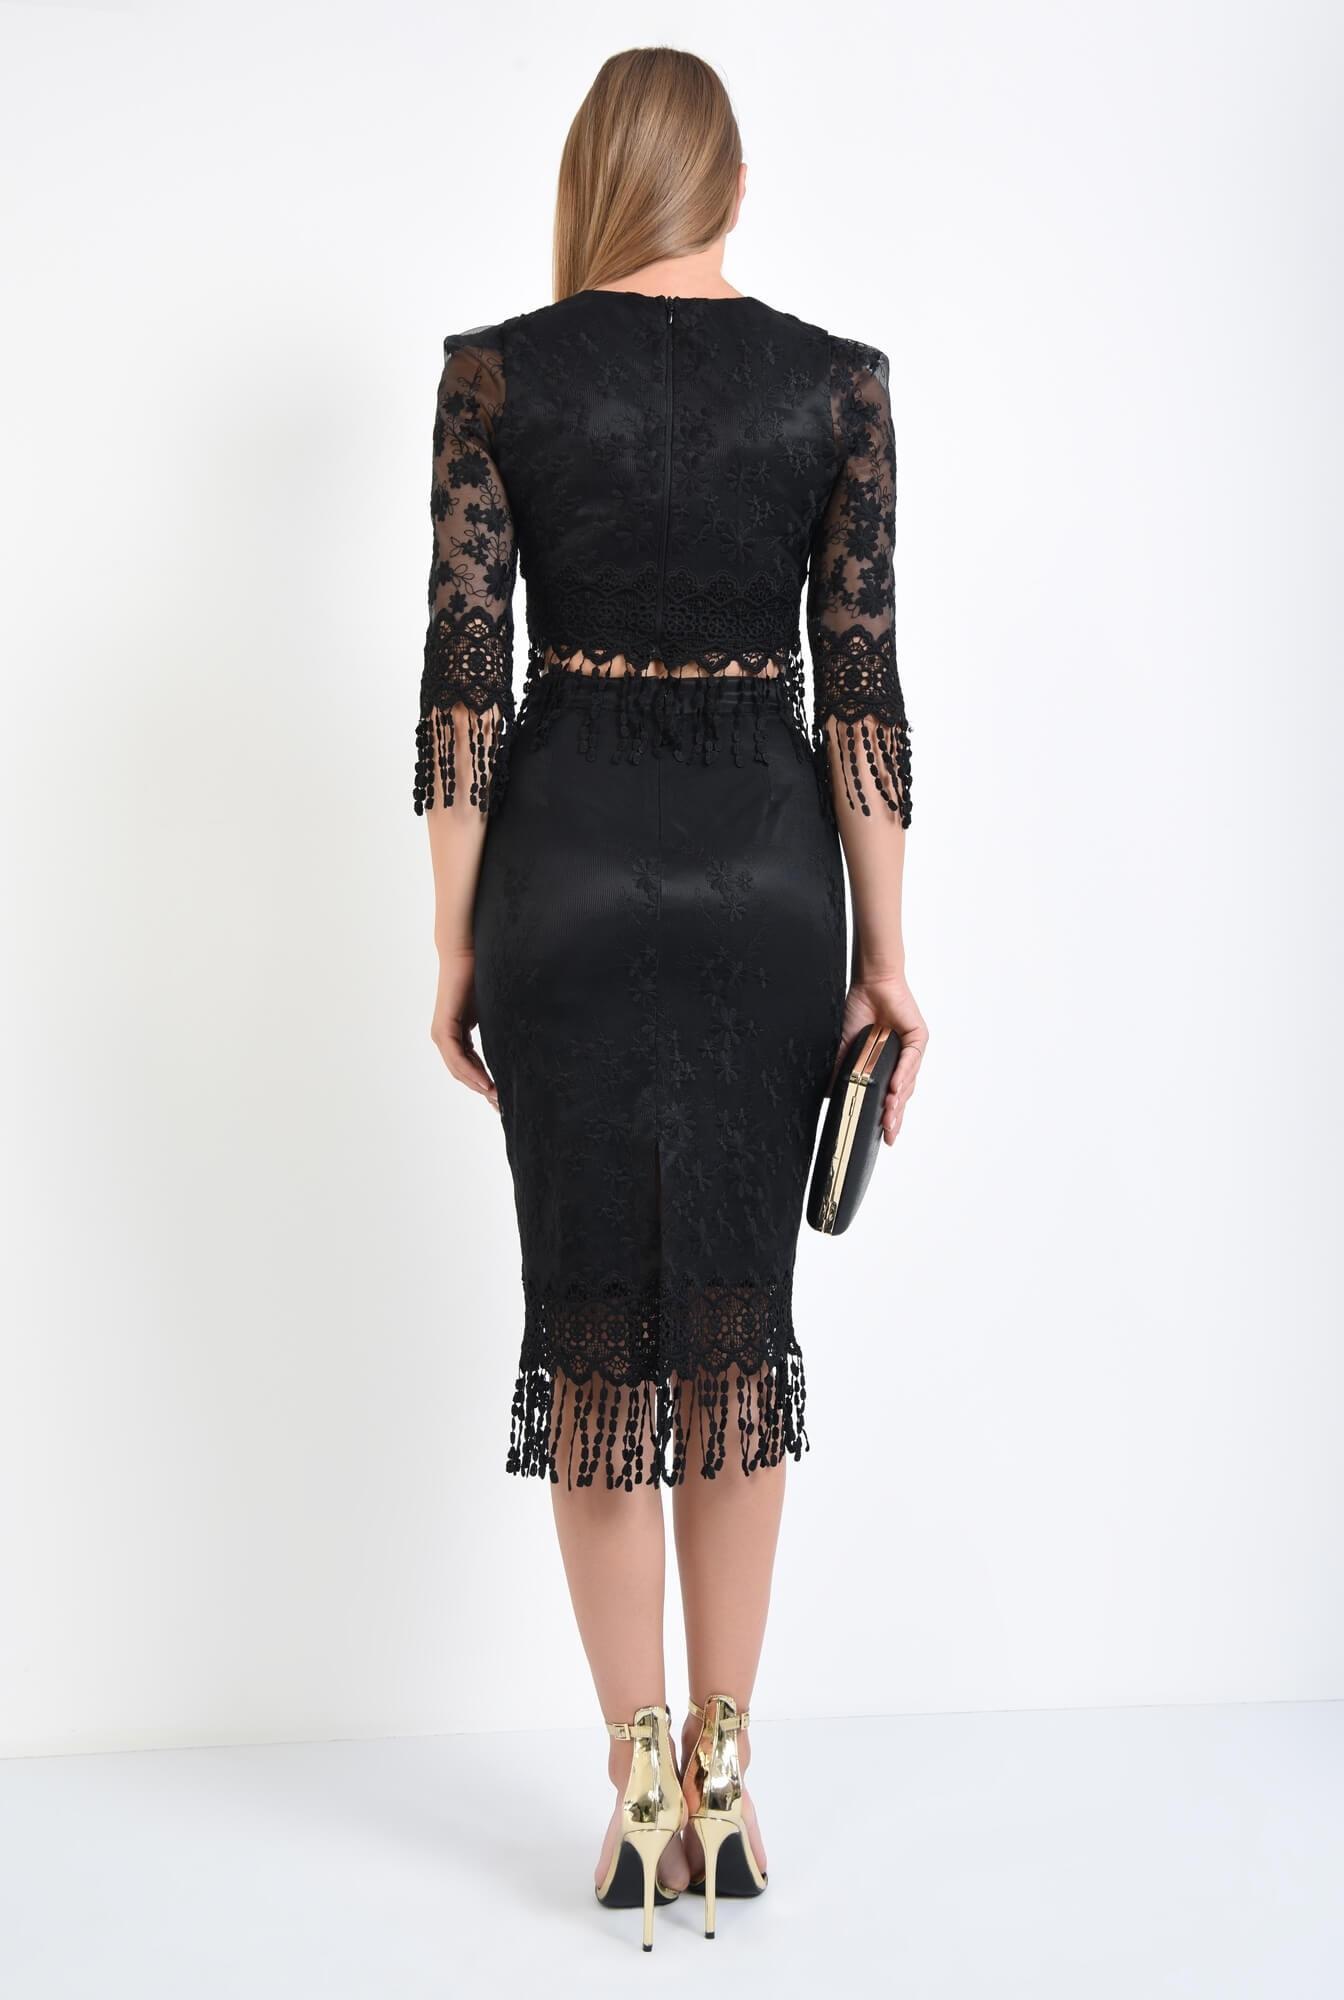 1 - fusta eleganta, midi, conica, negru, broderie decupata